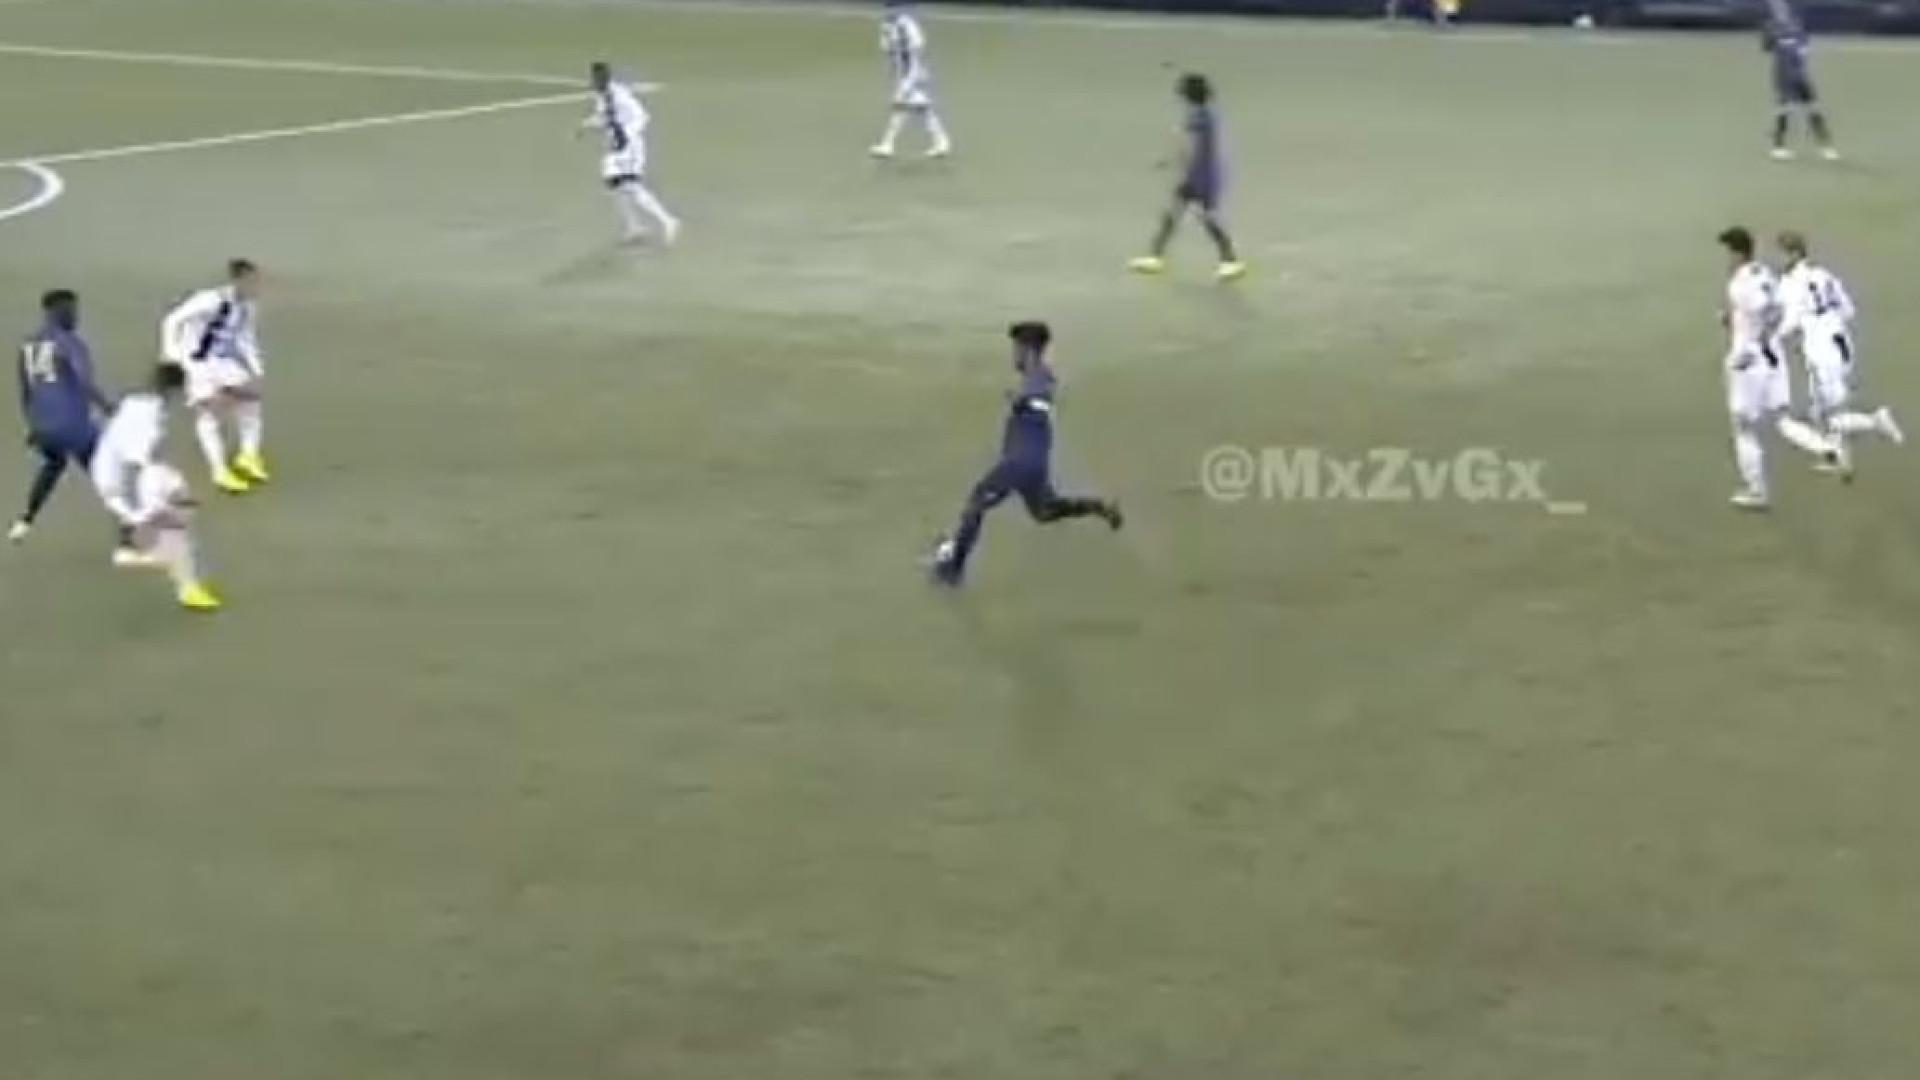 Primo de Nani encanta Inglaterra e chama a atenção de Mourinho